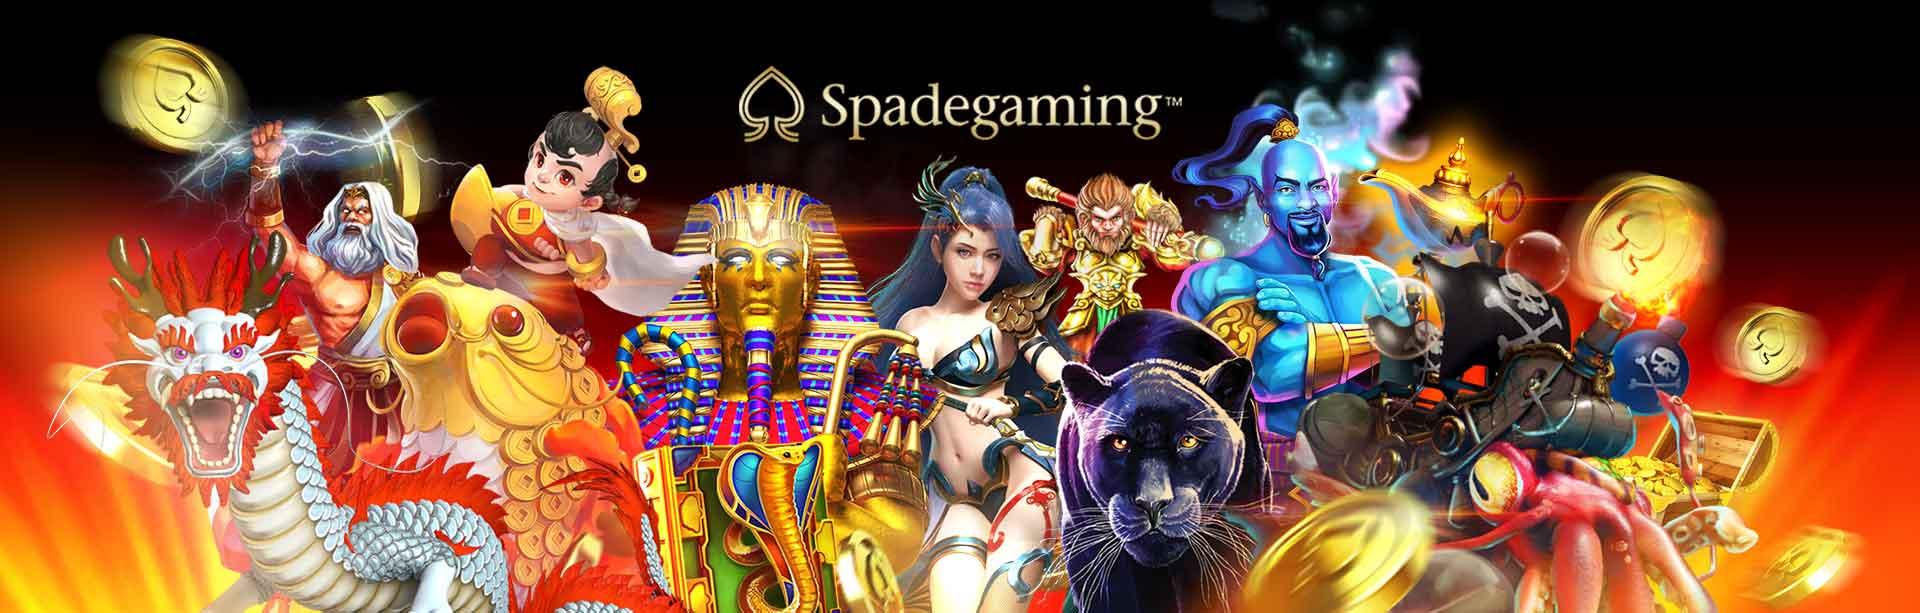 Slot Spadegaming